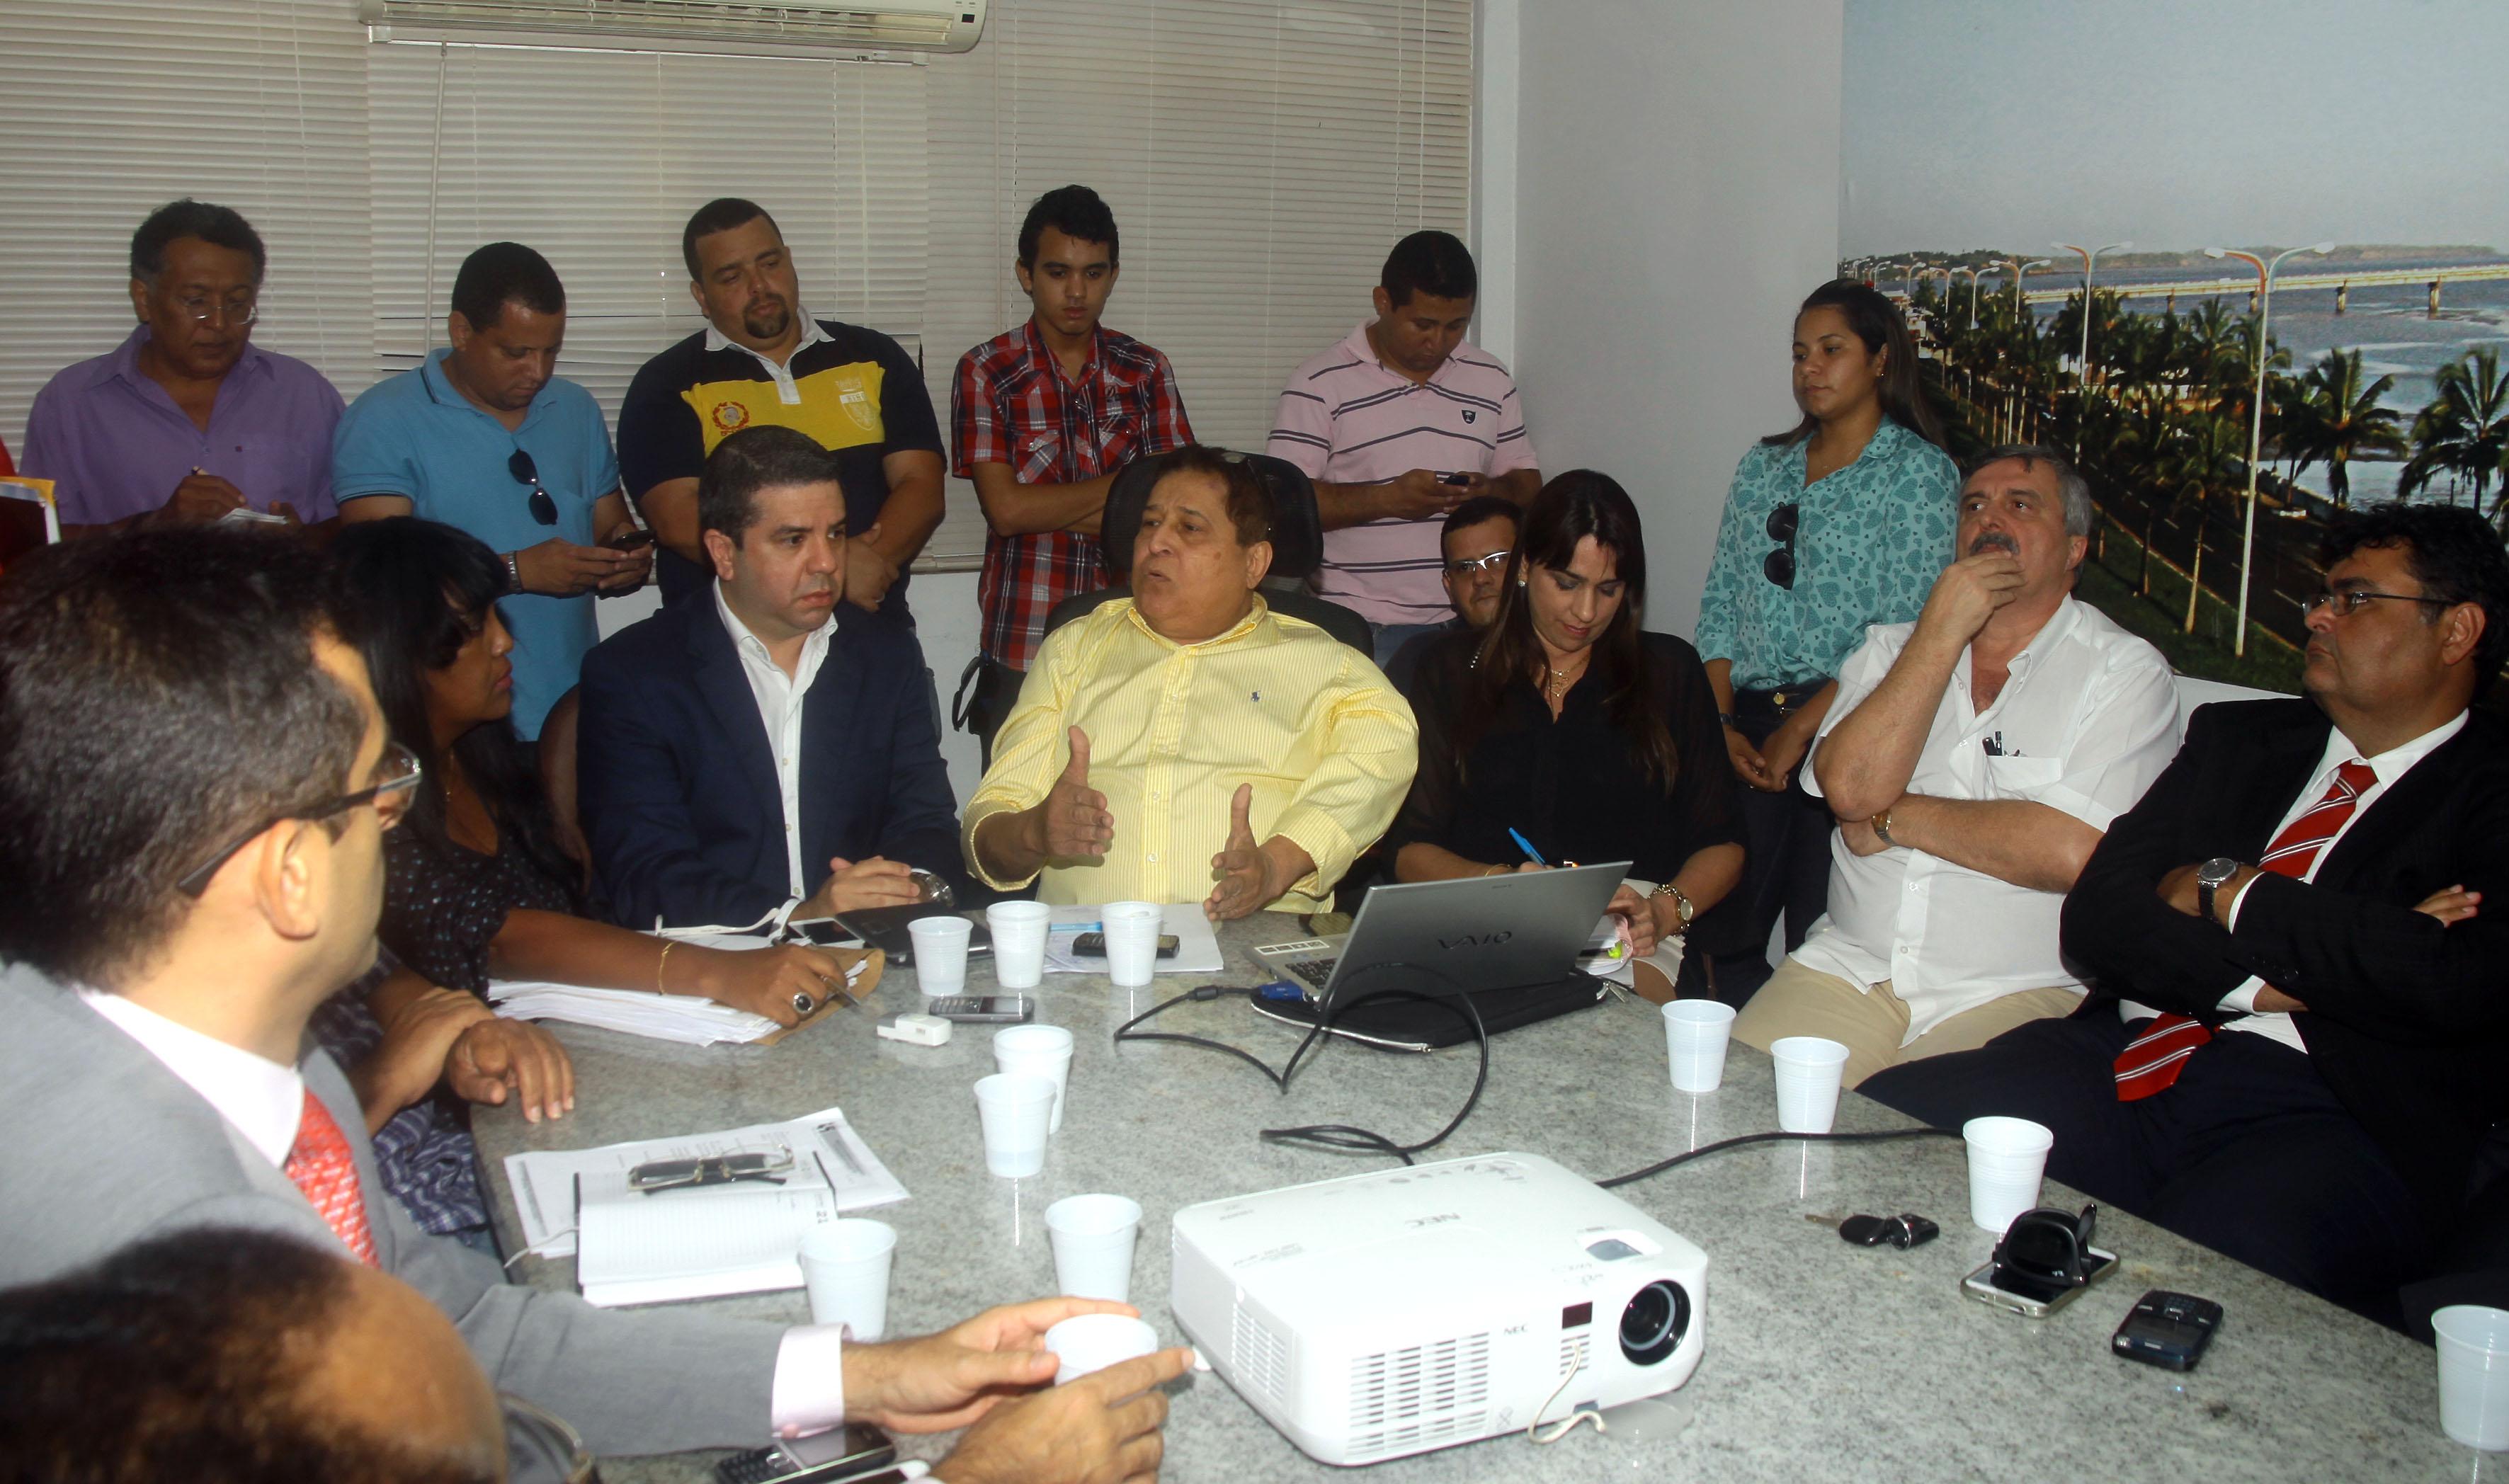 Mesa de negociações discute fim da greve dos rodoviários em São Luís